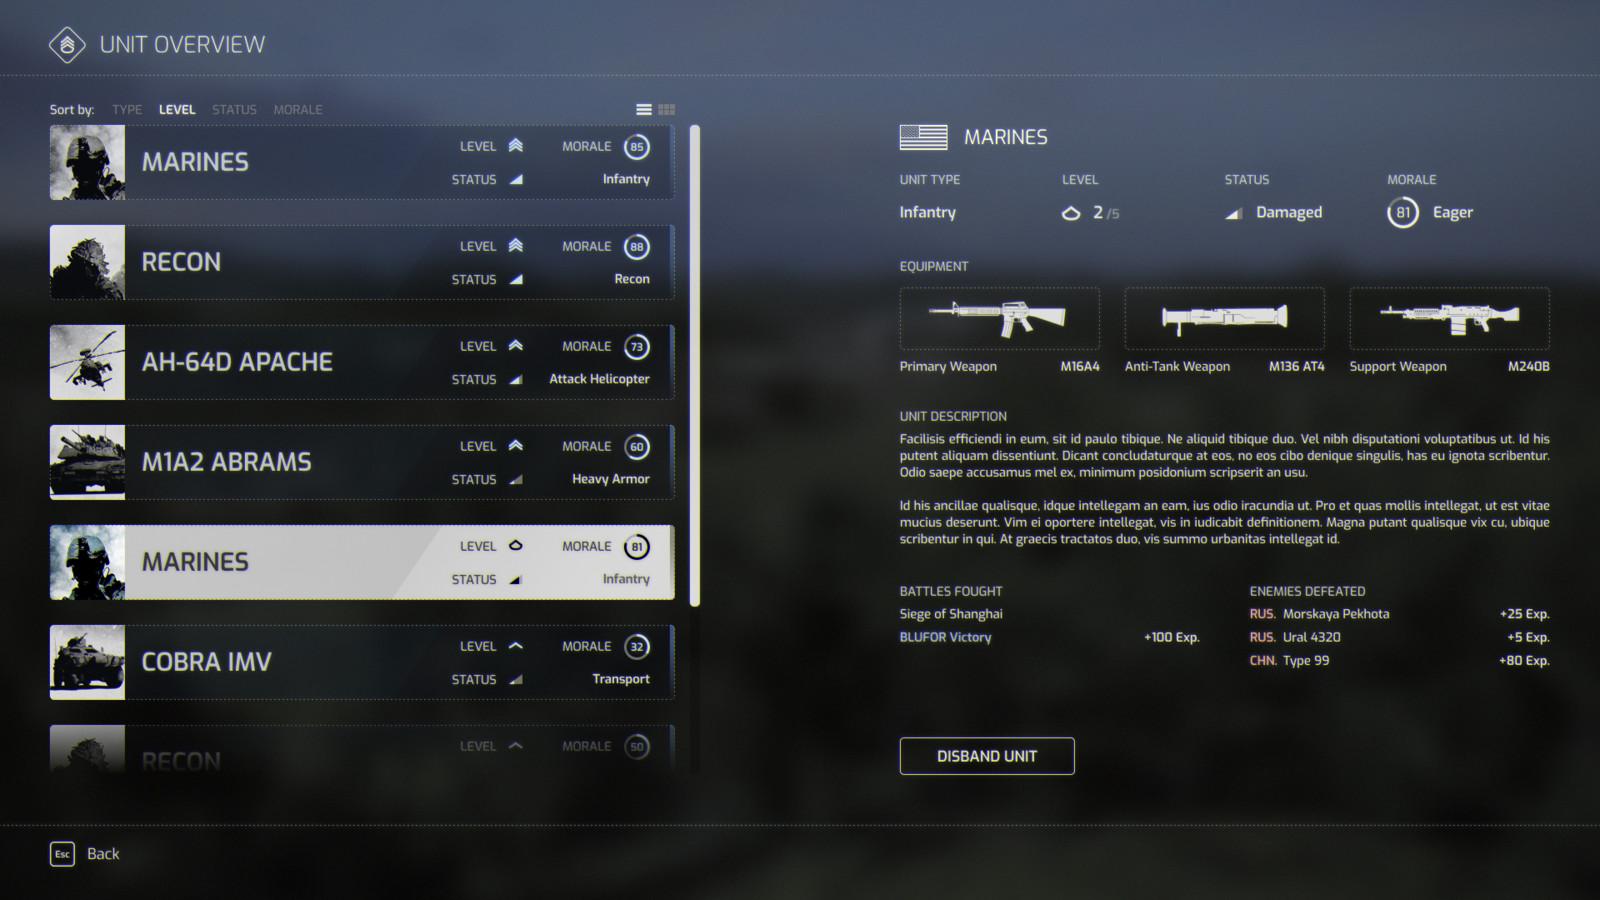 Unit Overview